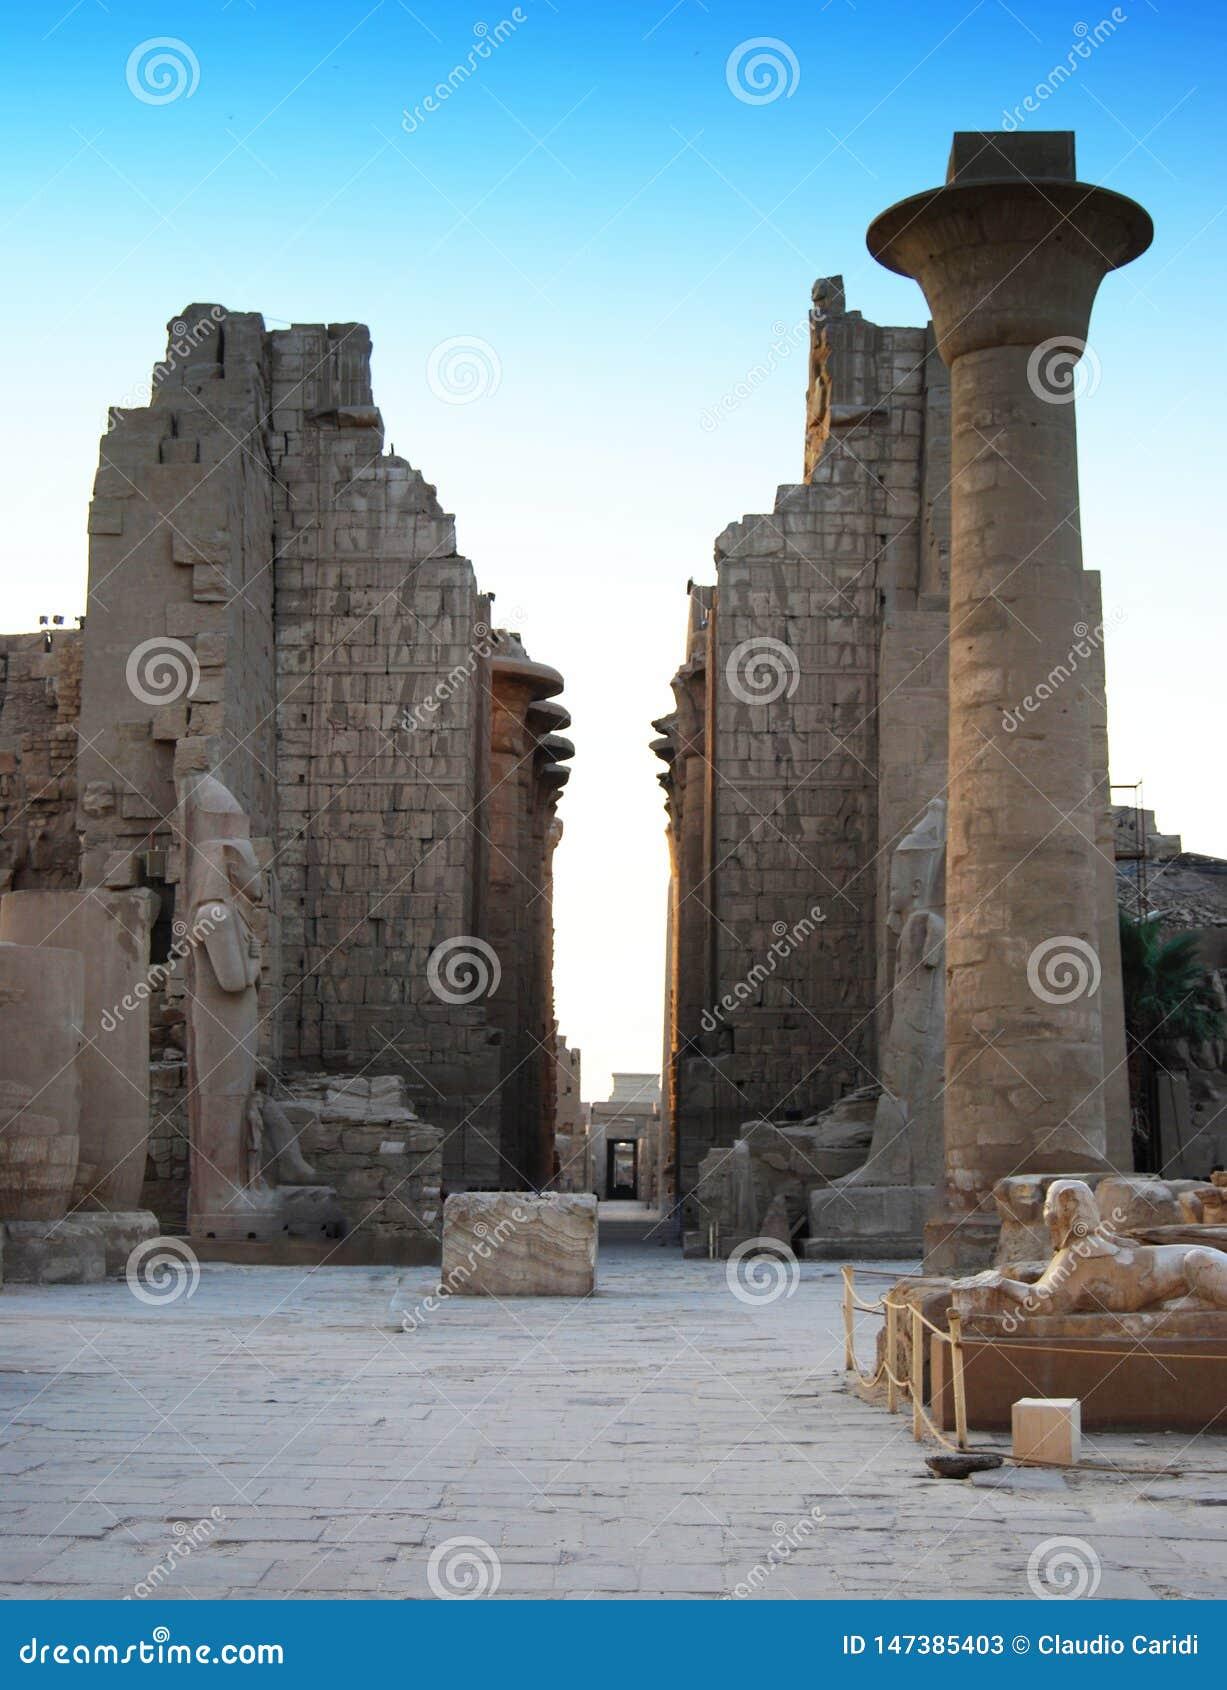 Haupteingang des Tempels von Karnak, Luxor, Ägypten